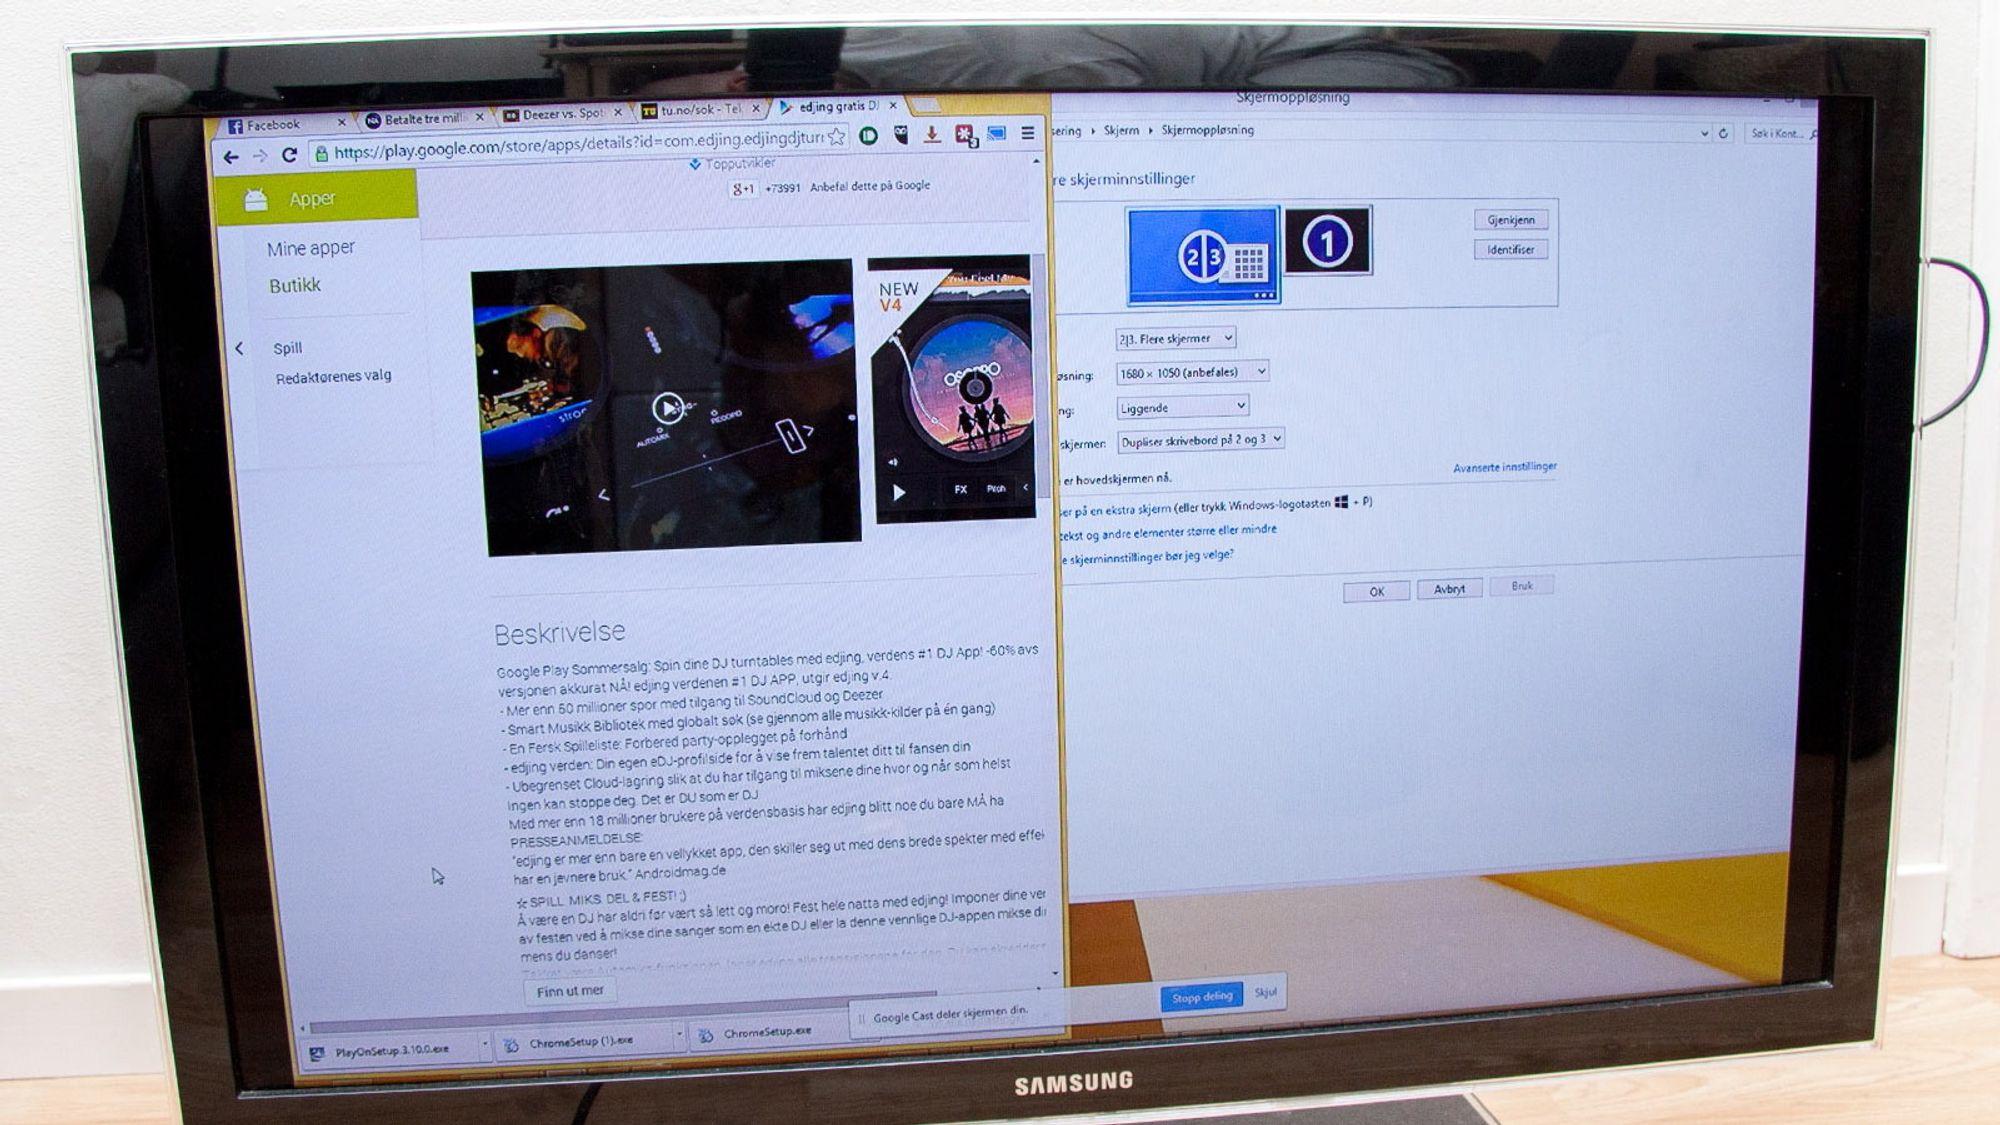 07f74fadb Googles TV-pinne har blitt mye bedre. Slik bruker du den - Tu.no